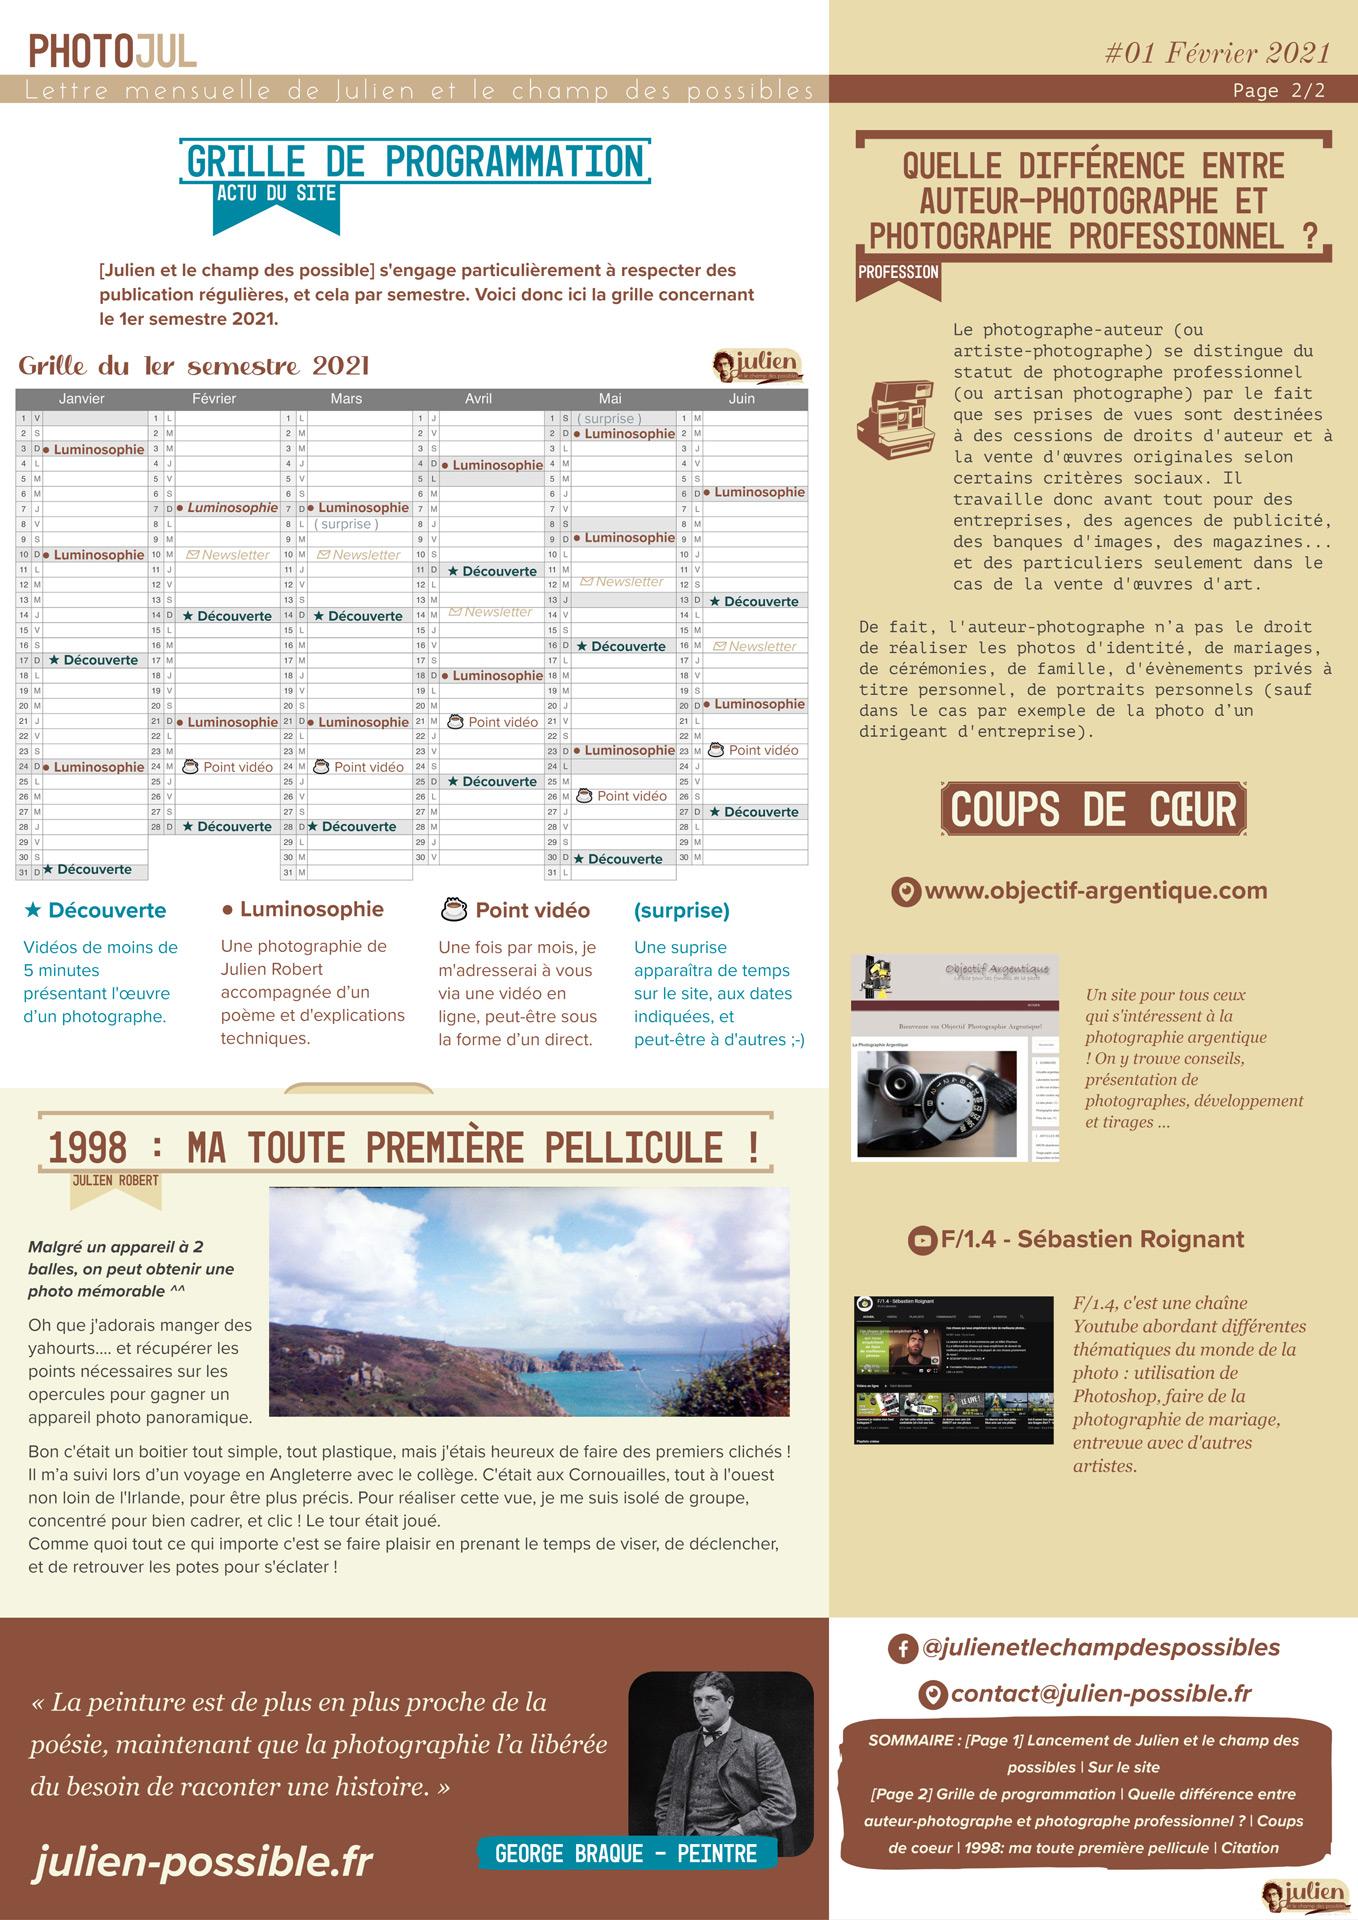 Photojul #01 - Février 2021 - Page 02 - Julien et le champ des possibles - Julien Robert photographe